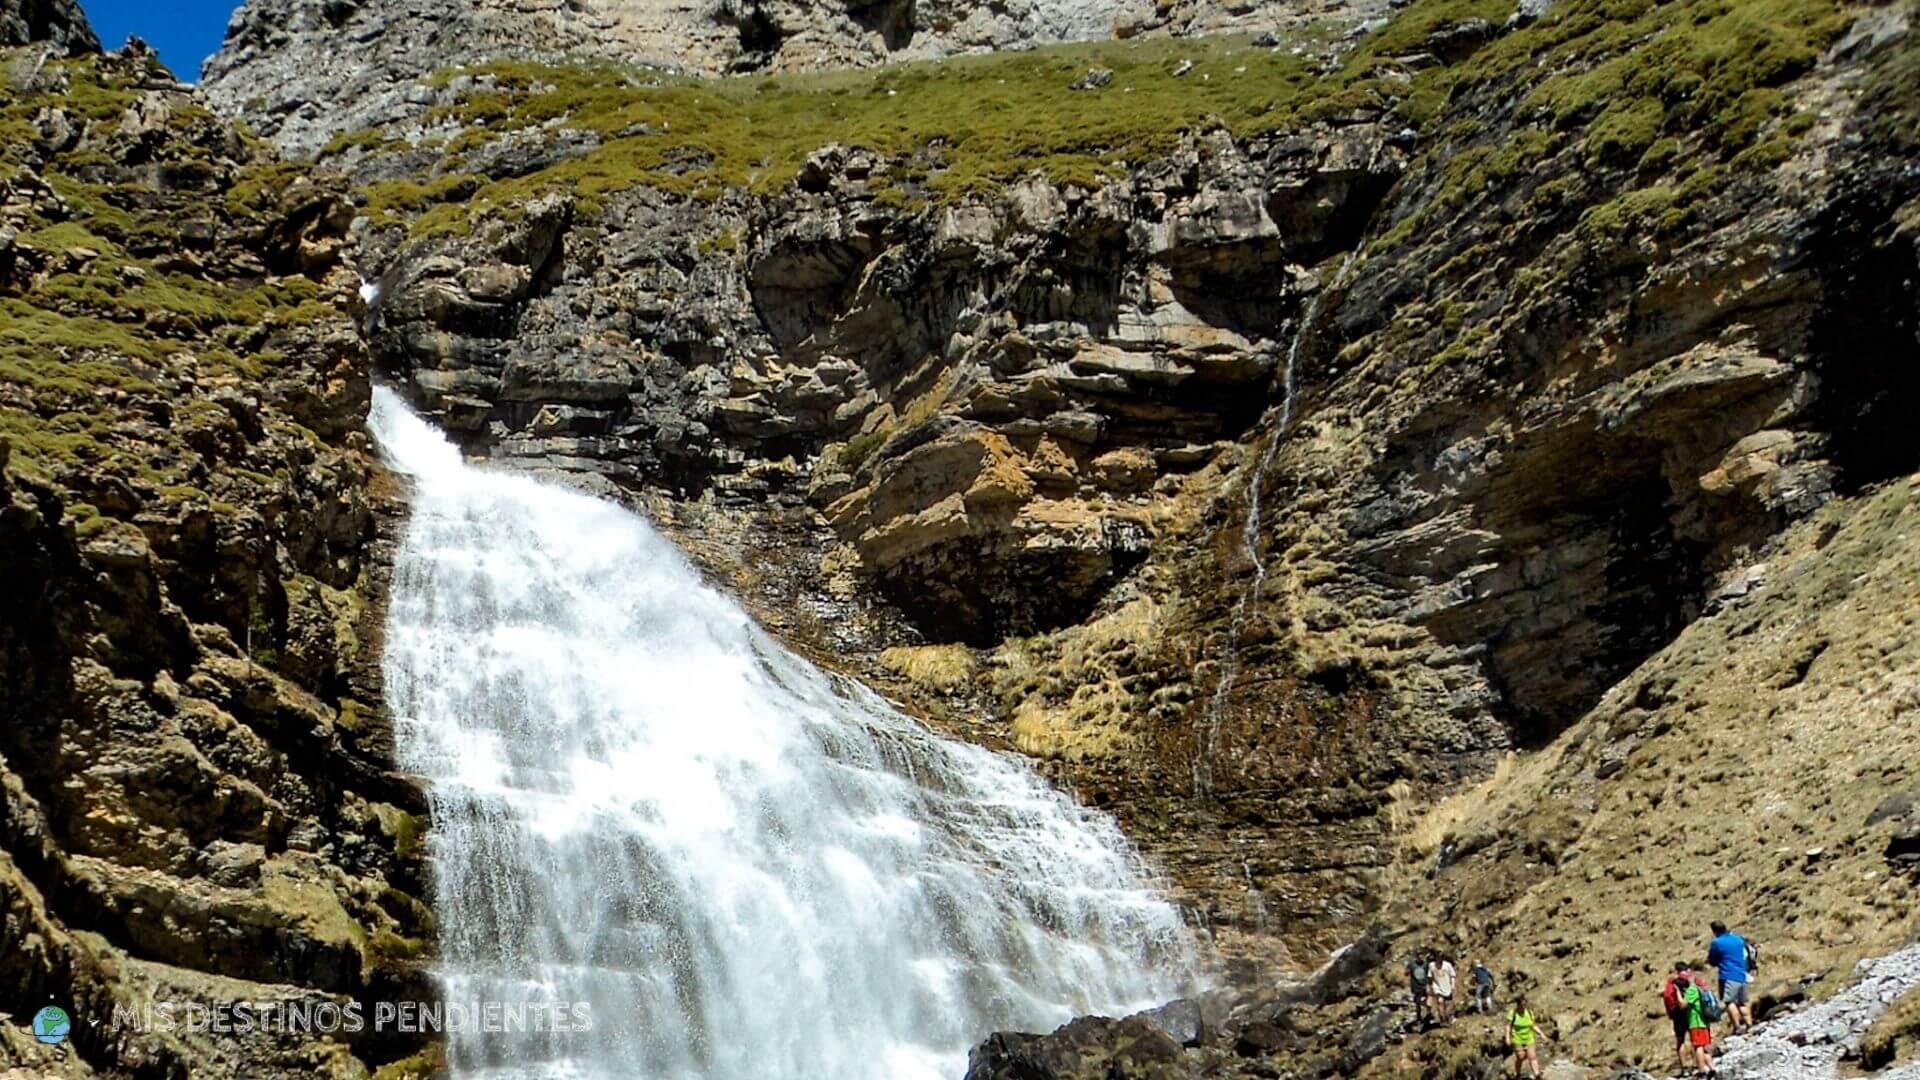 Cascada Cola de Caballo (Ordesa y Monte Perdido, Huesca)